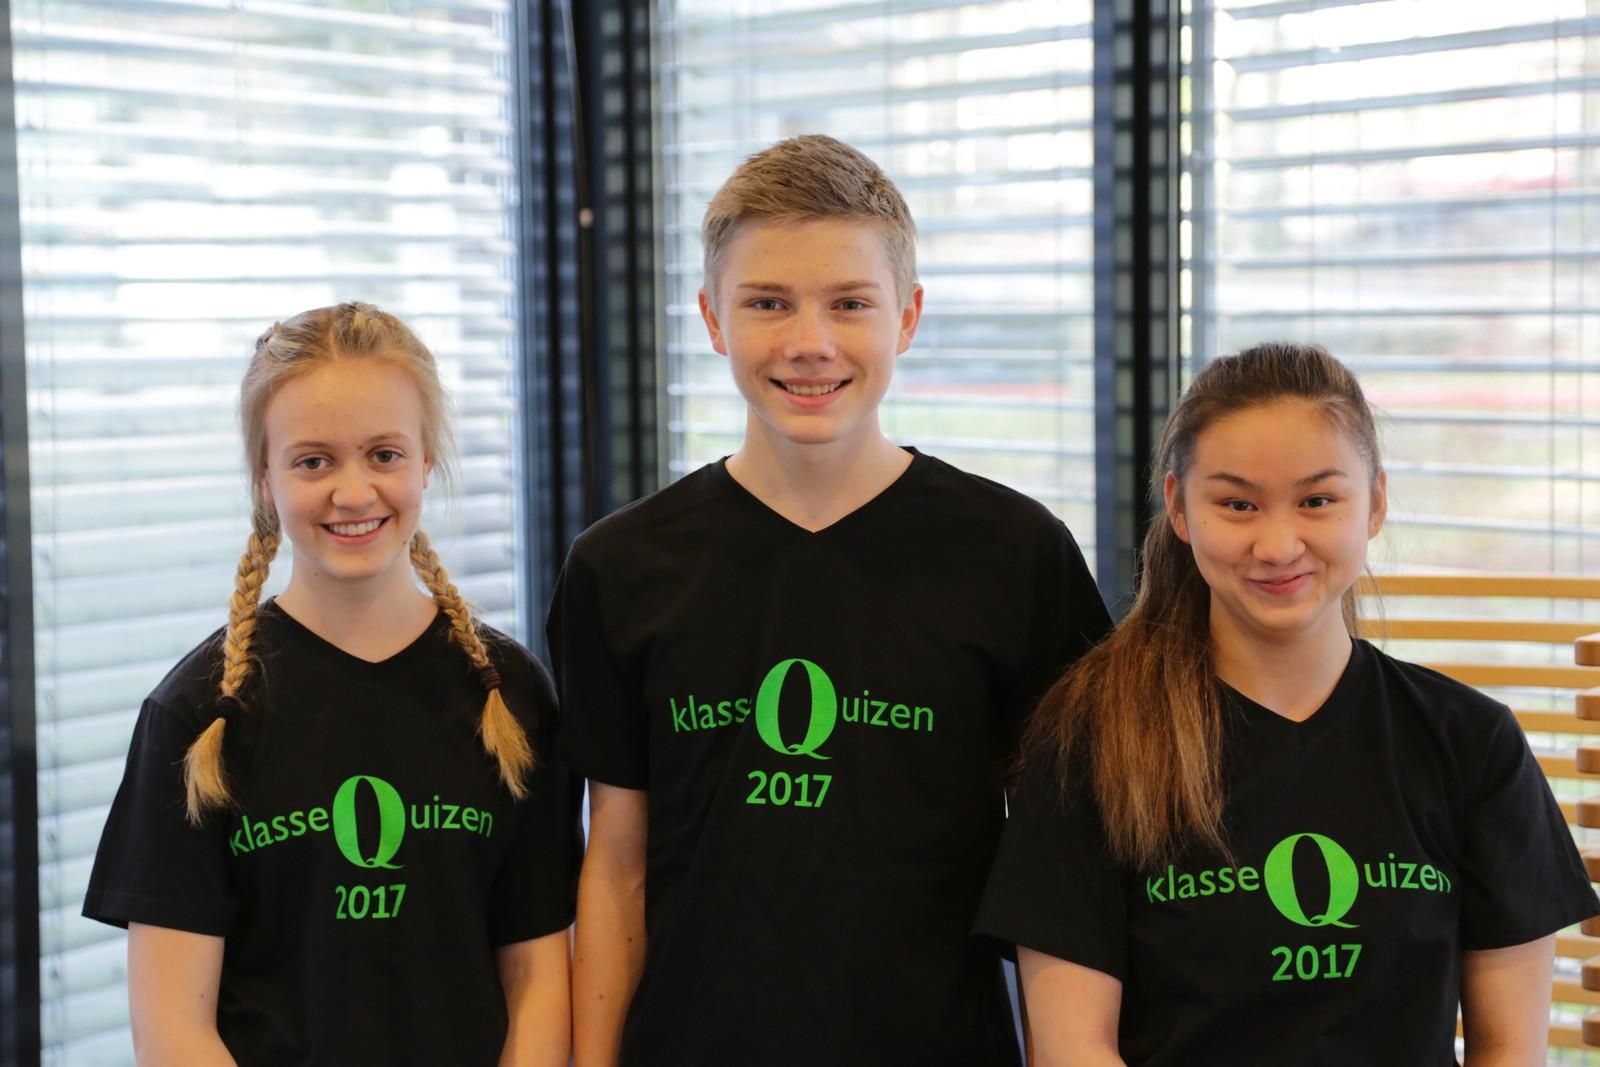 Ida Sværen Oaland, Kristof Hansson og Tania Yu Auglend deltok for Hjelmeland skule. De leverte en solid innsats og endte opp med 8 poeng.